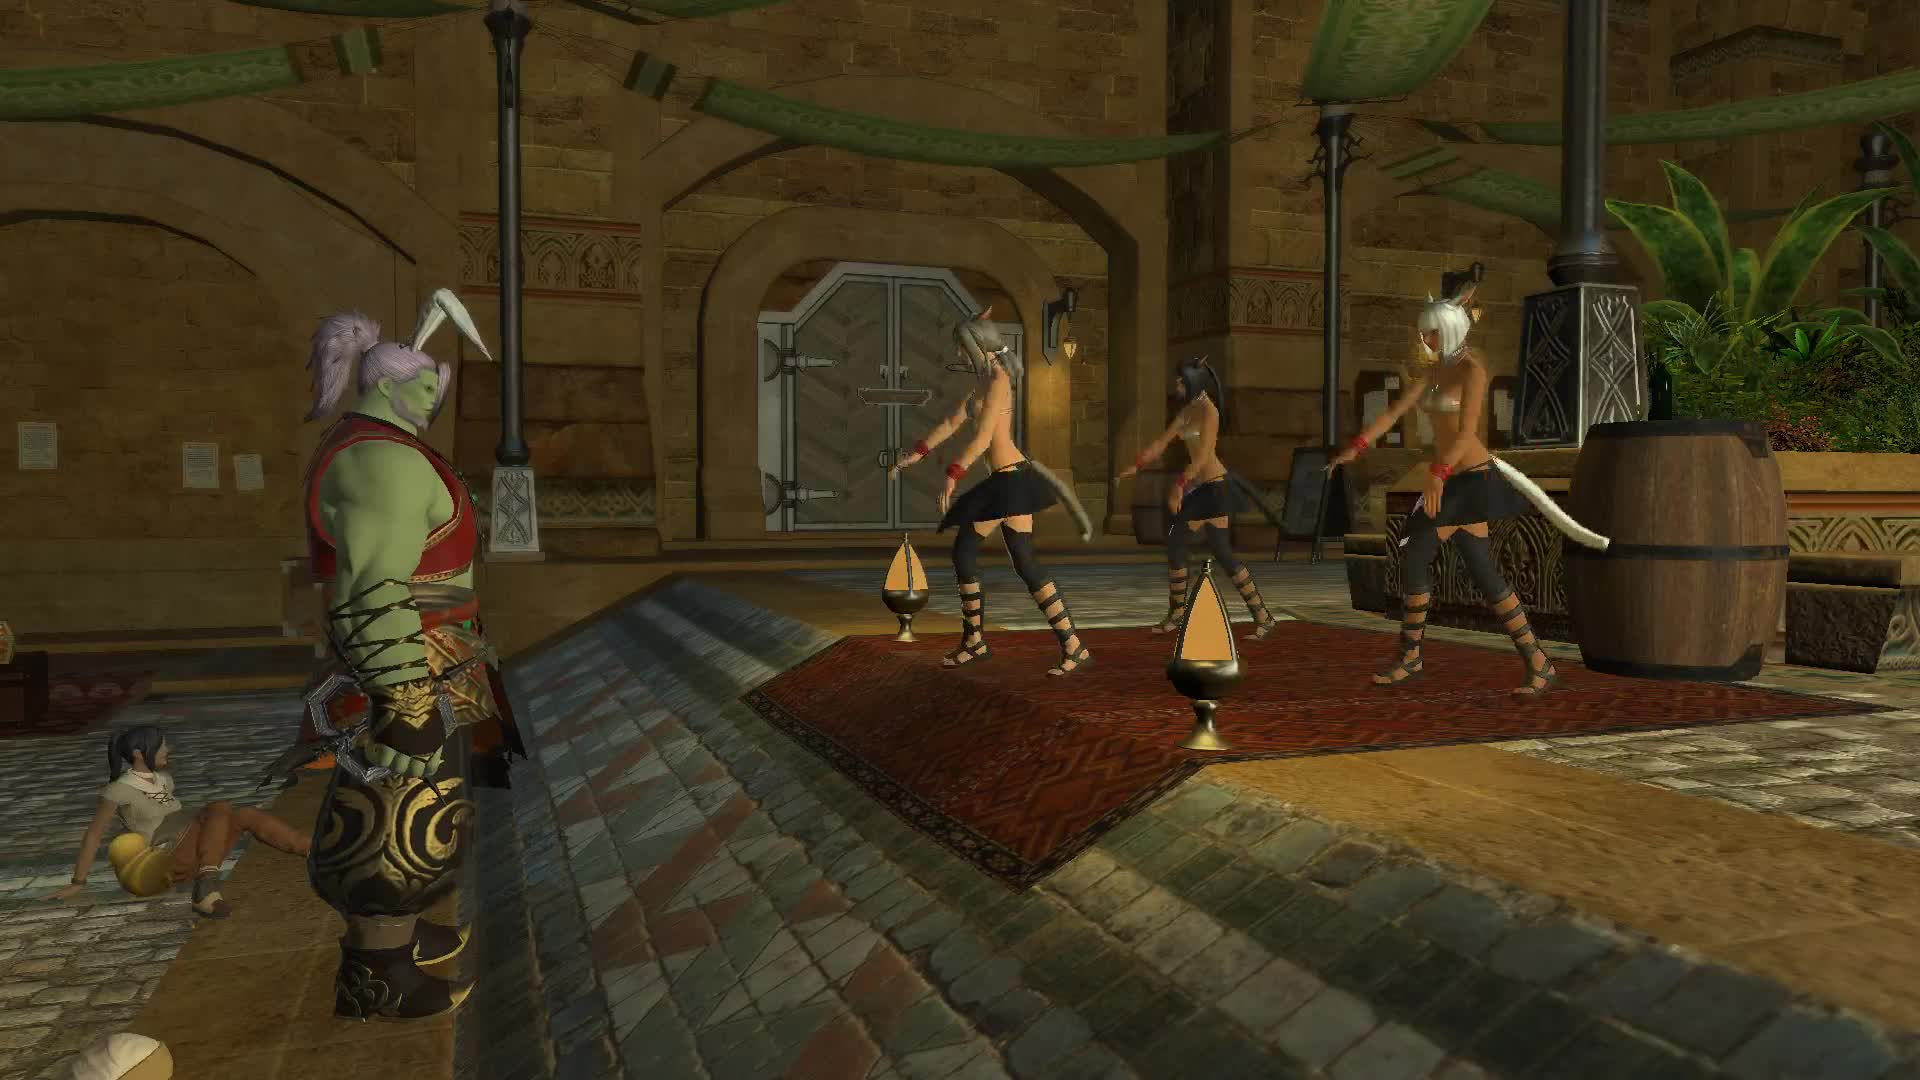 dancers, ffxiv, gil, gratuity, ul'dah, Making it hail in Ul'dah GIFs